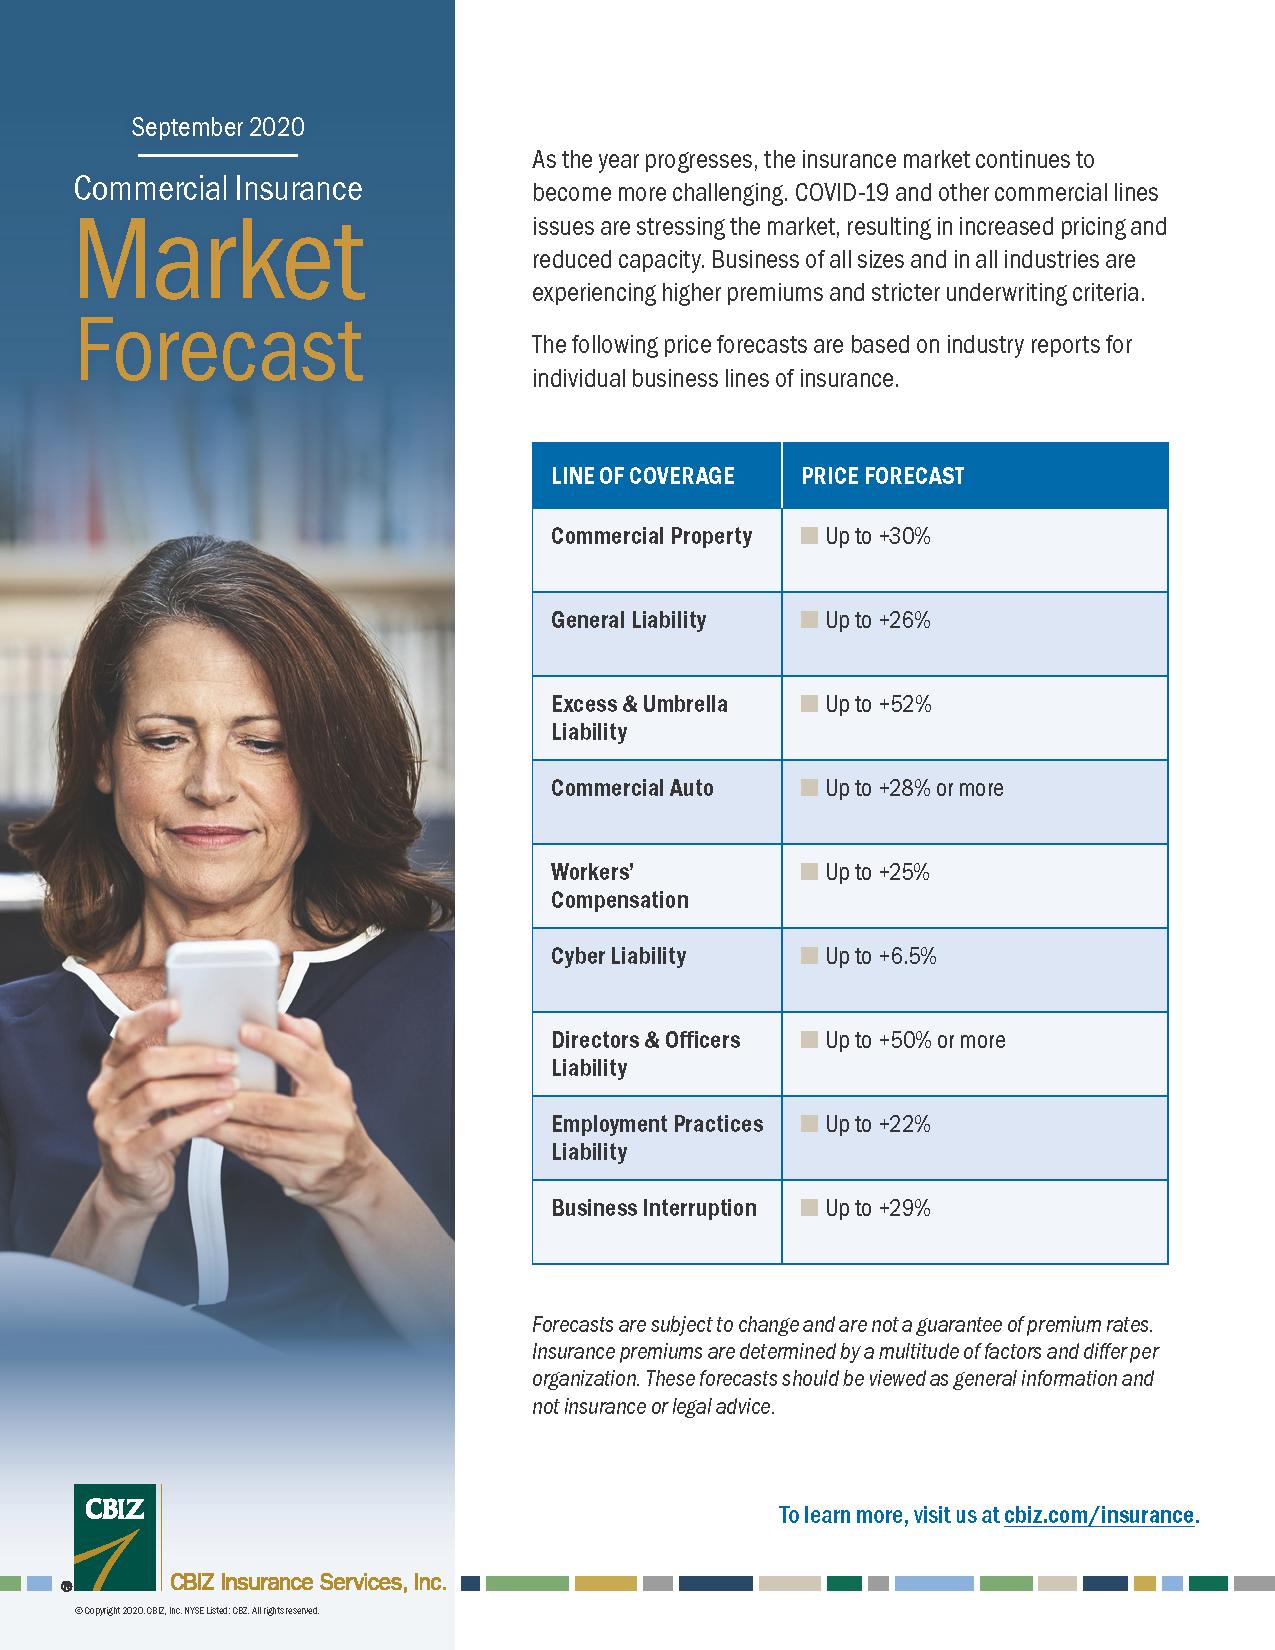 Insurance Market Forecast image